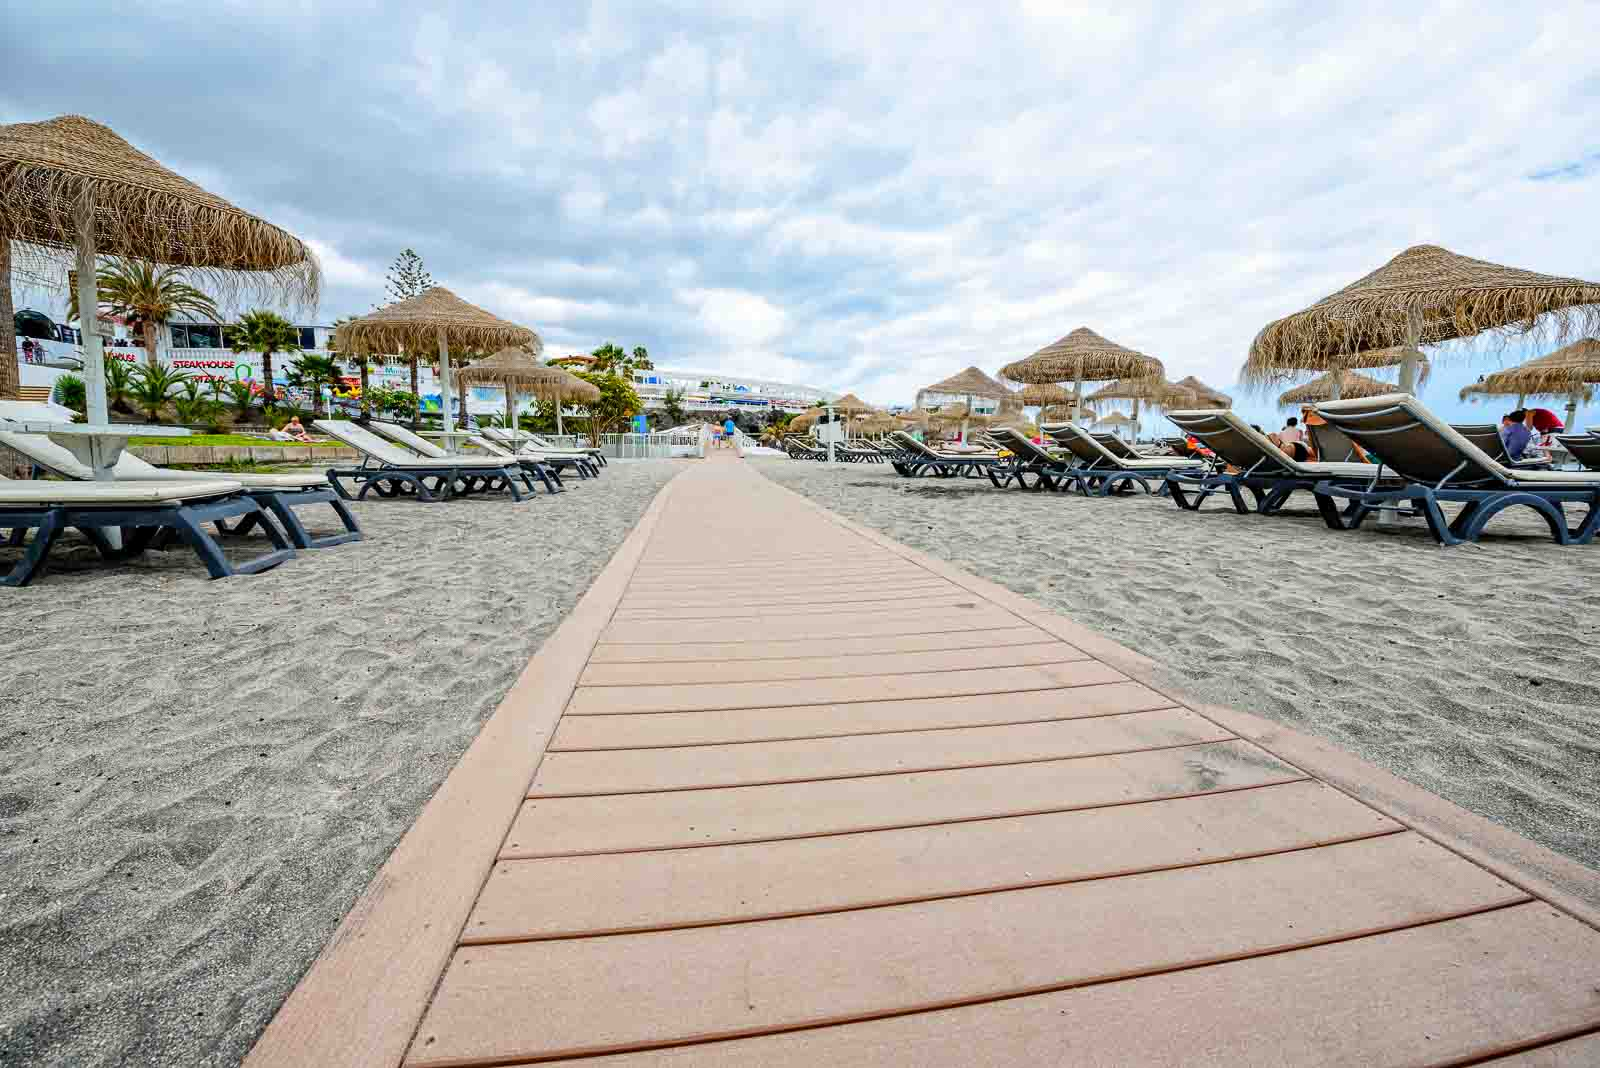 Tarimas Playa de Torviscas copyright imagenia image consultant-28